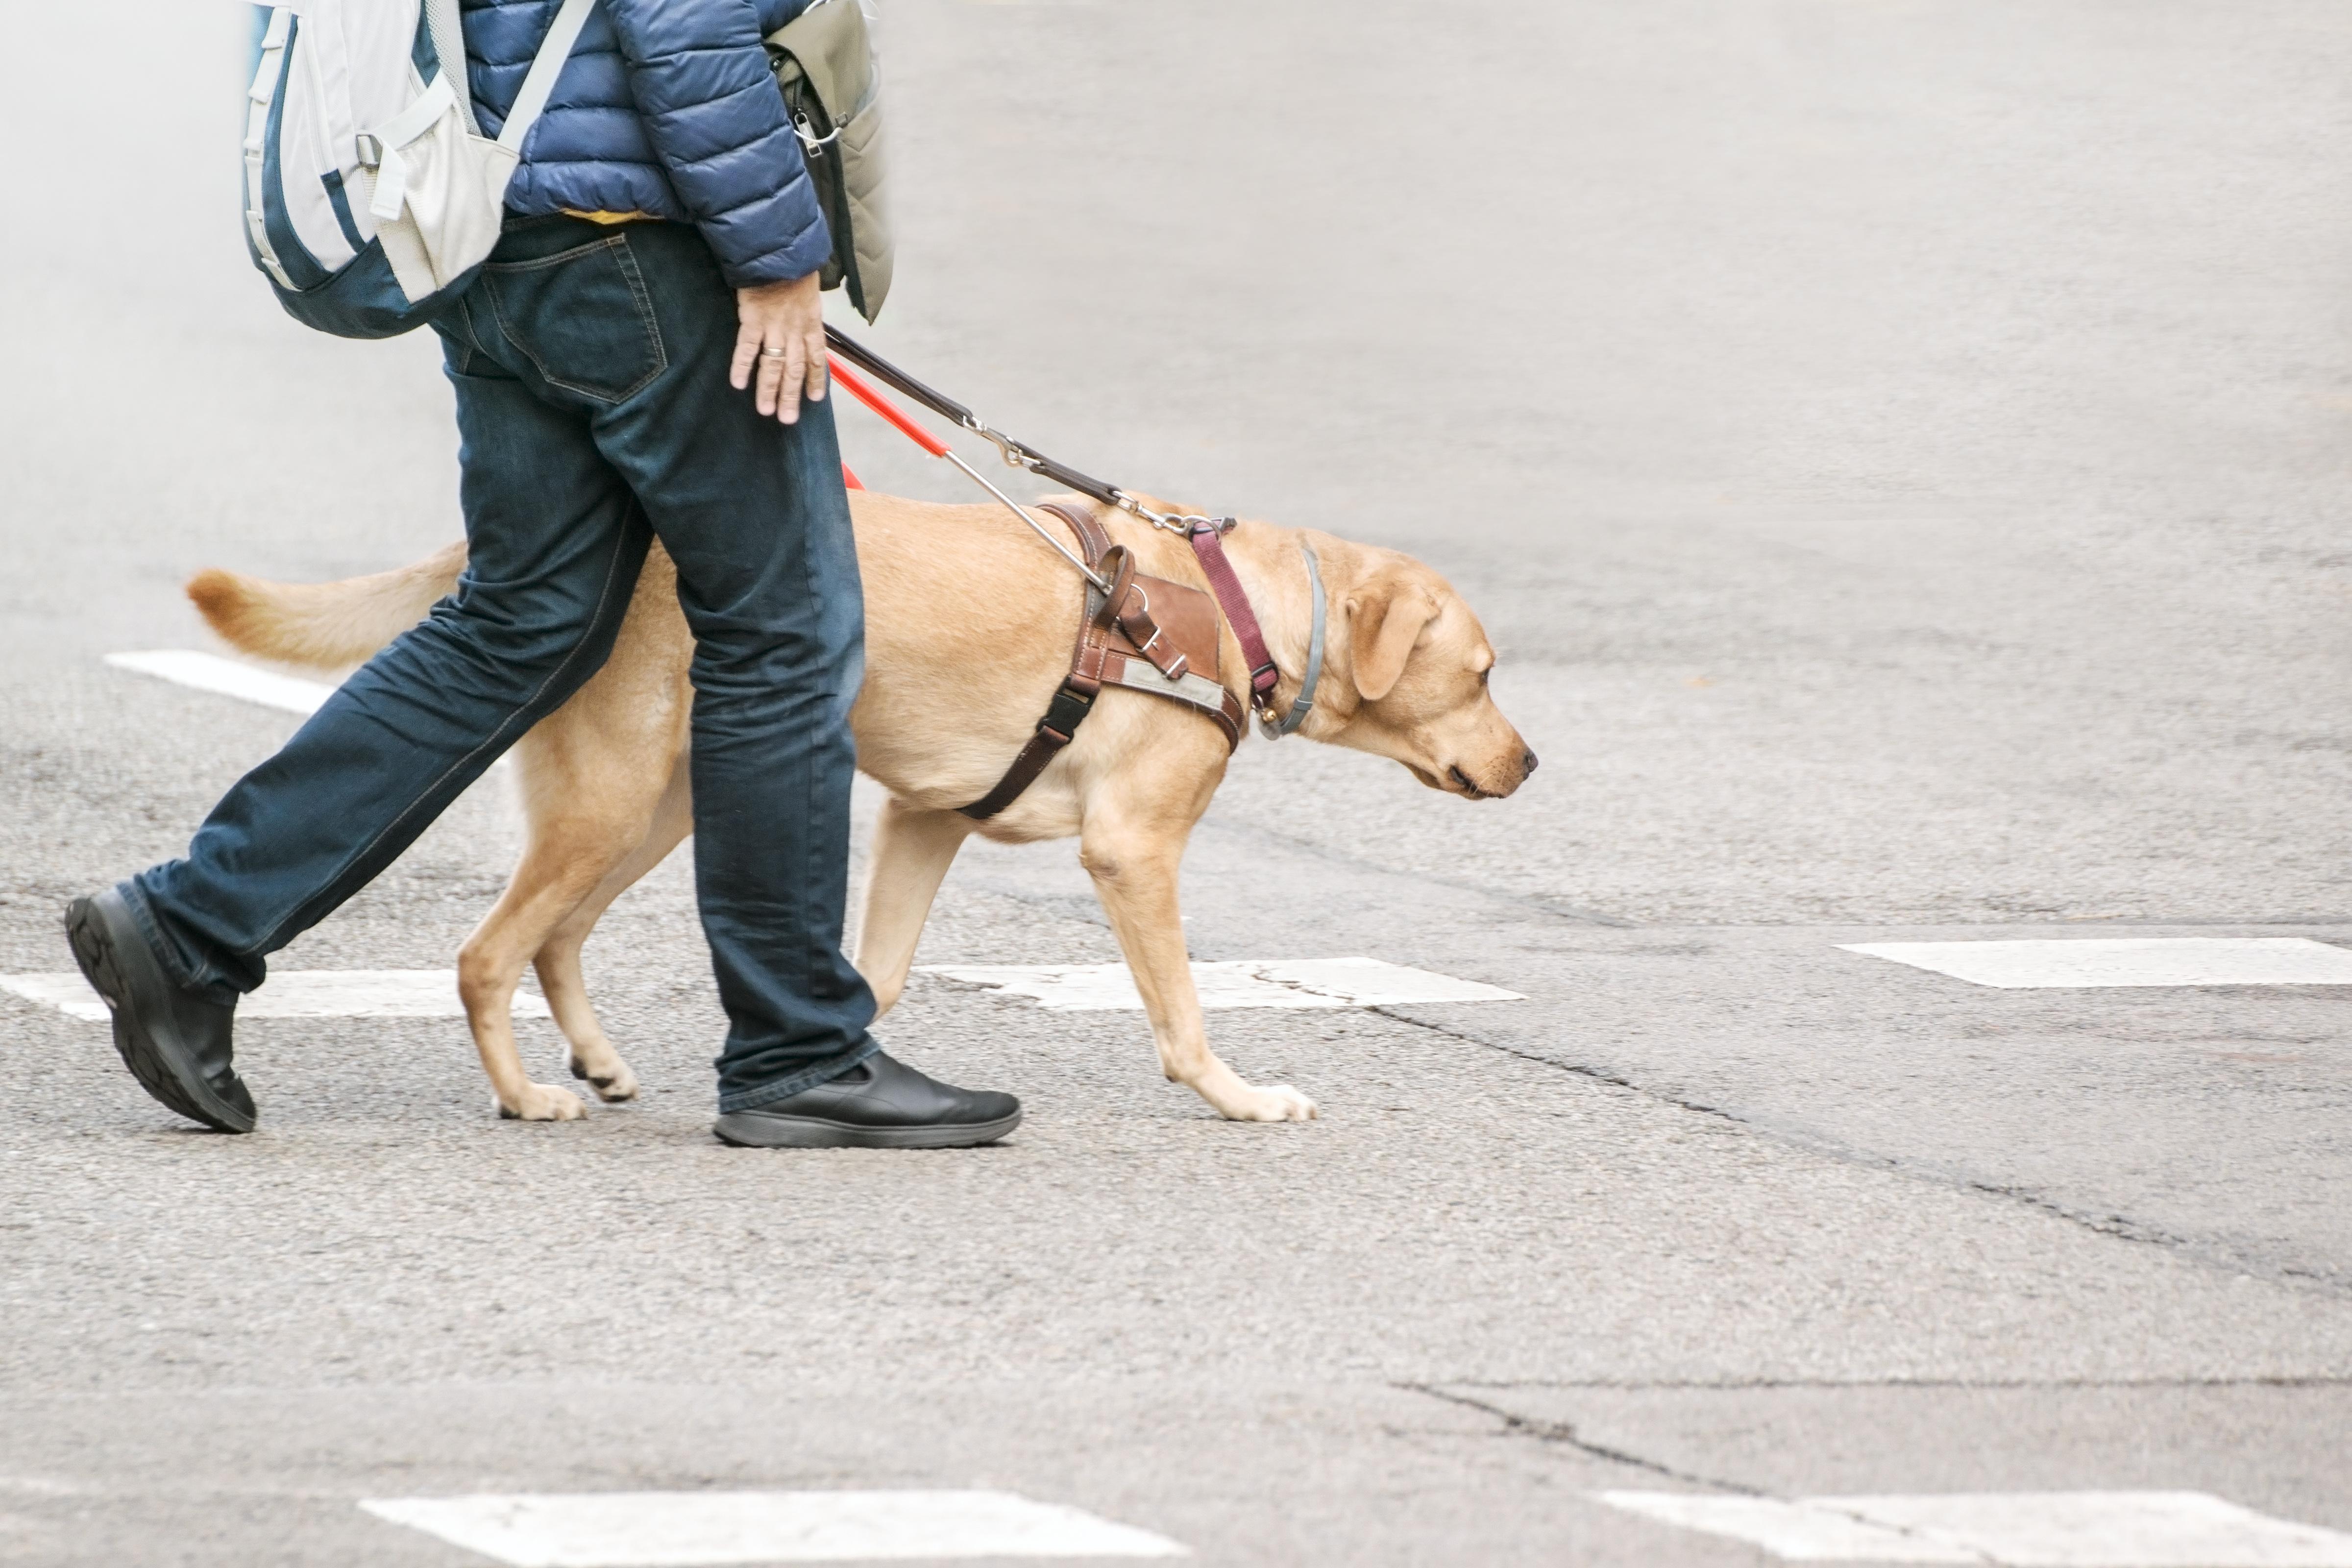 Foto de um cão-guia atravessando a rua ao lado de seu tutor, registrado da cintura para baixo.